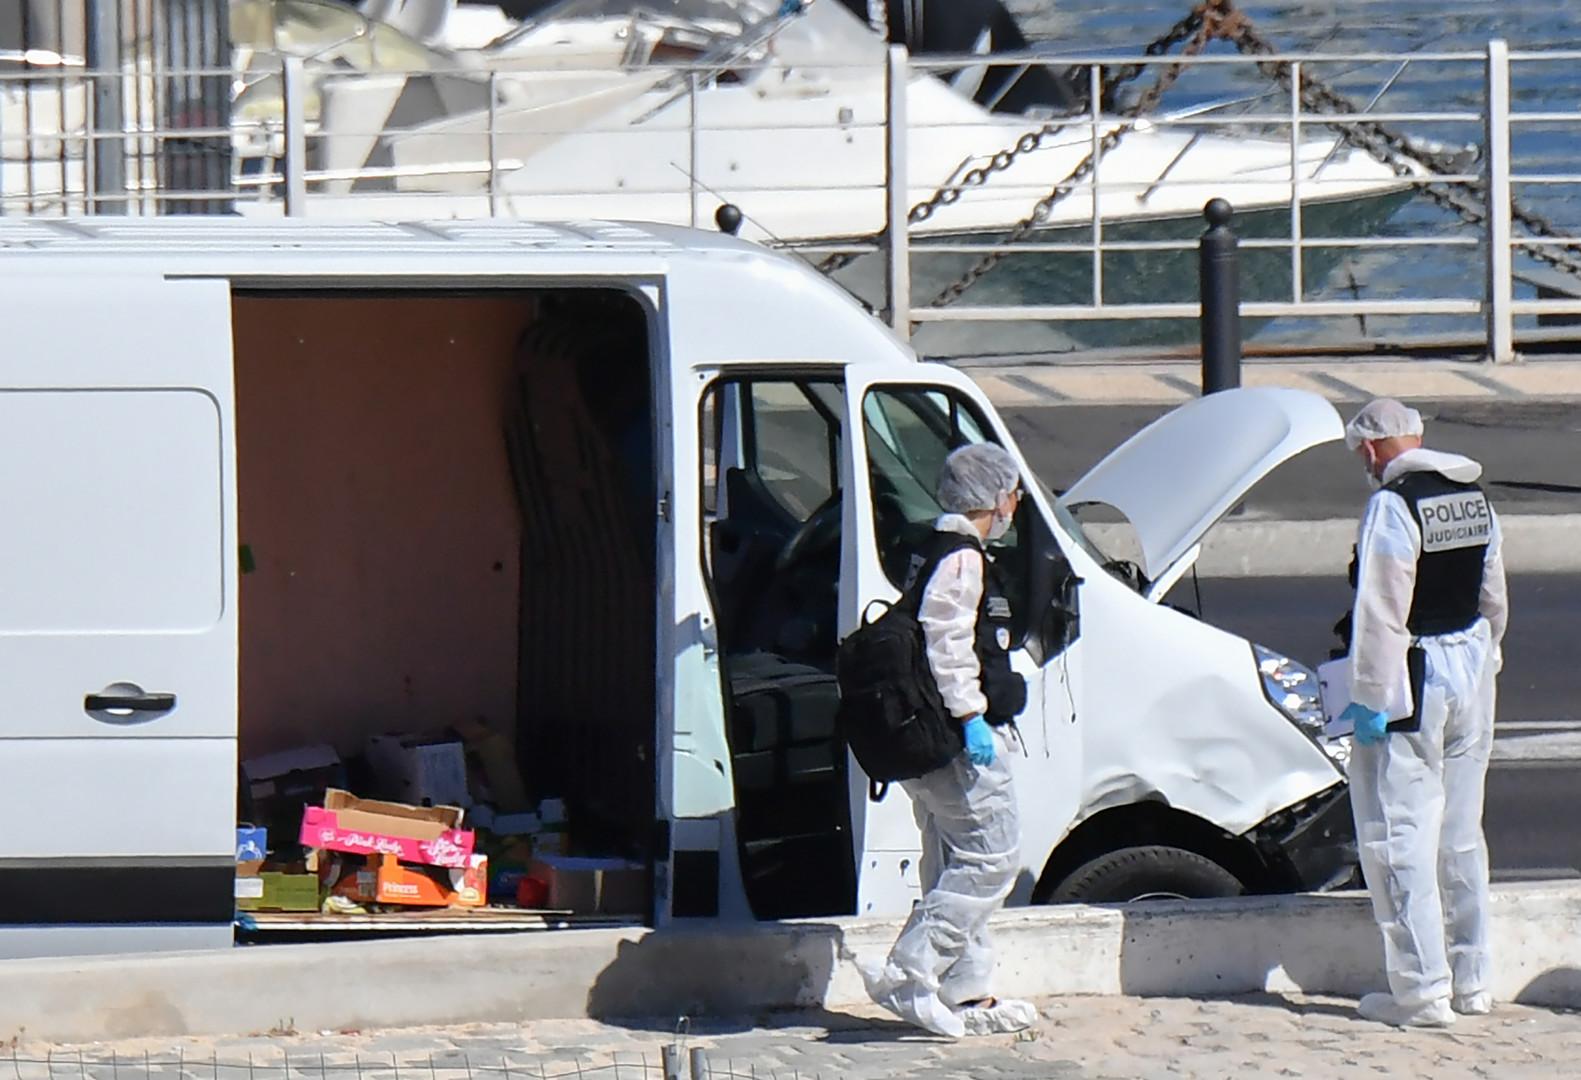 Camionnette cabossée et forces de l'ordre sur les dents : les images suivant l'incident de Marseille